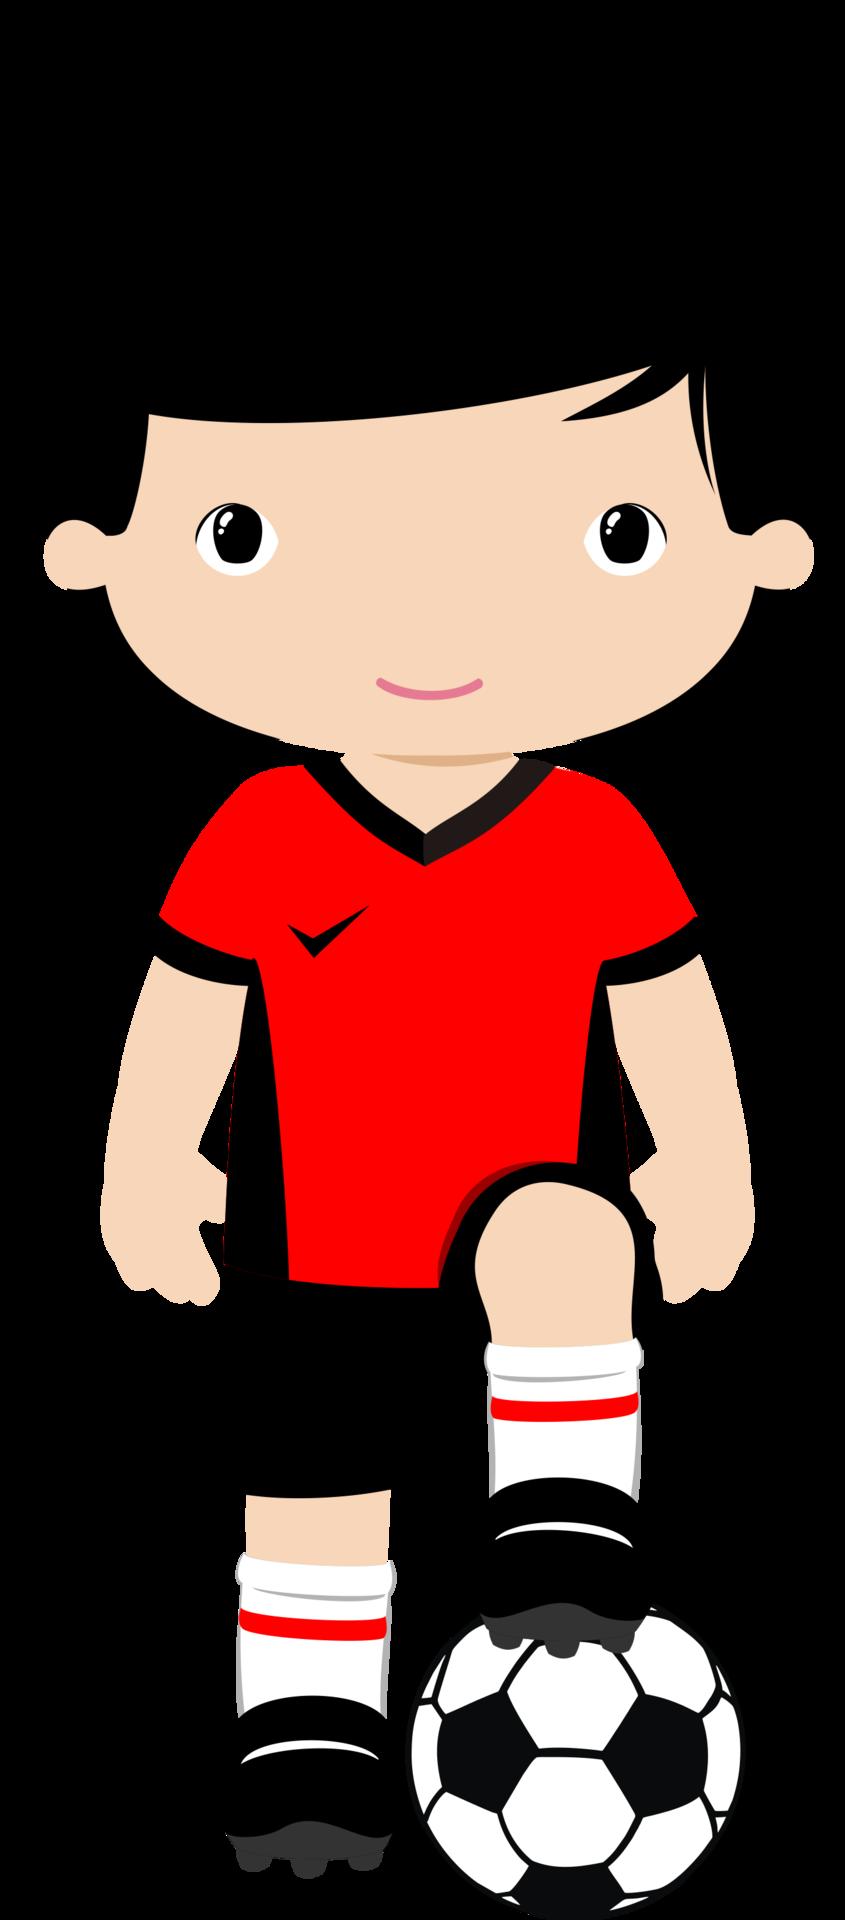 SPORTS & GINÁSTICA Festa infantil futebol, Desenho de